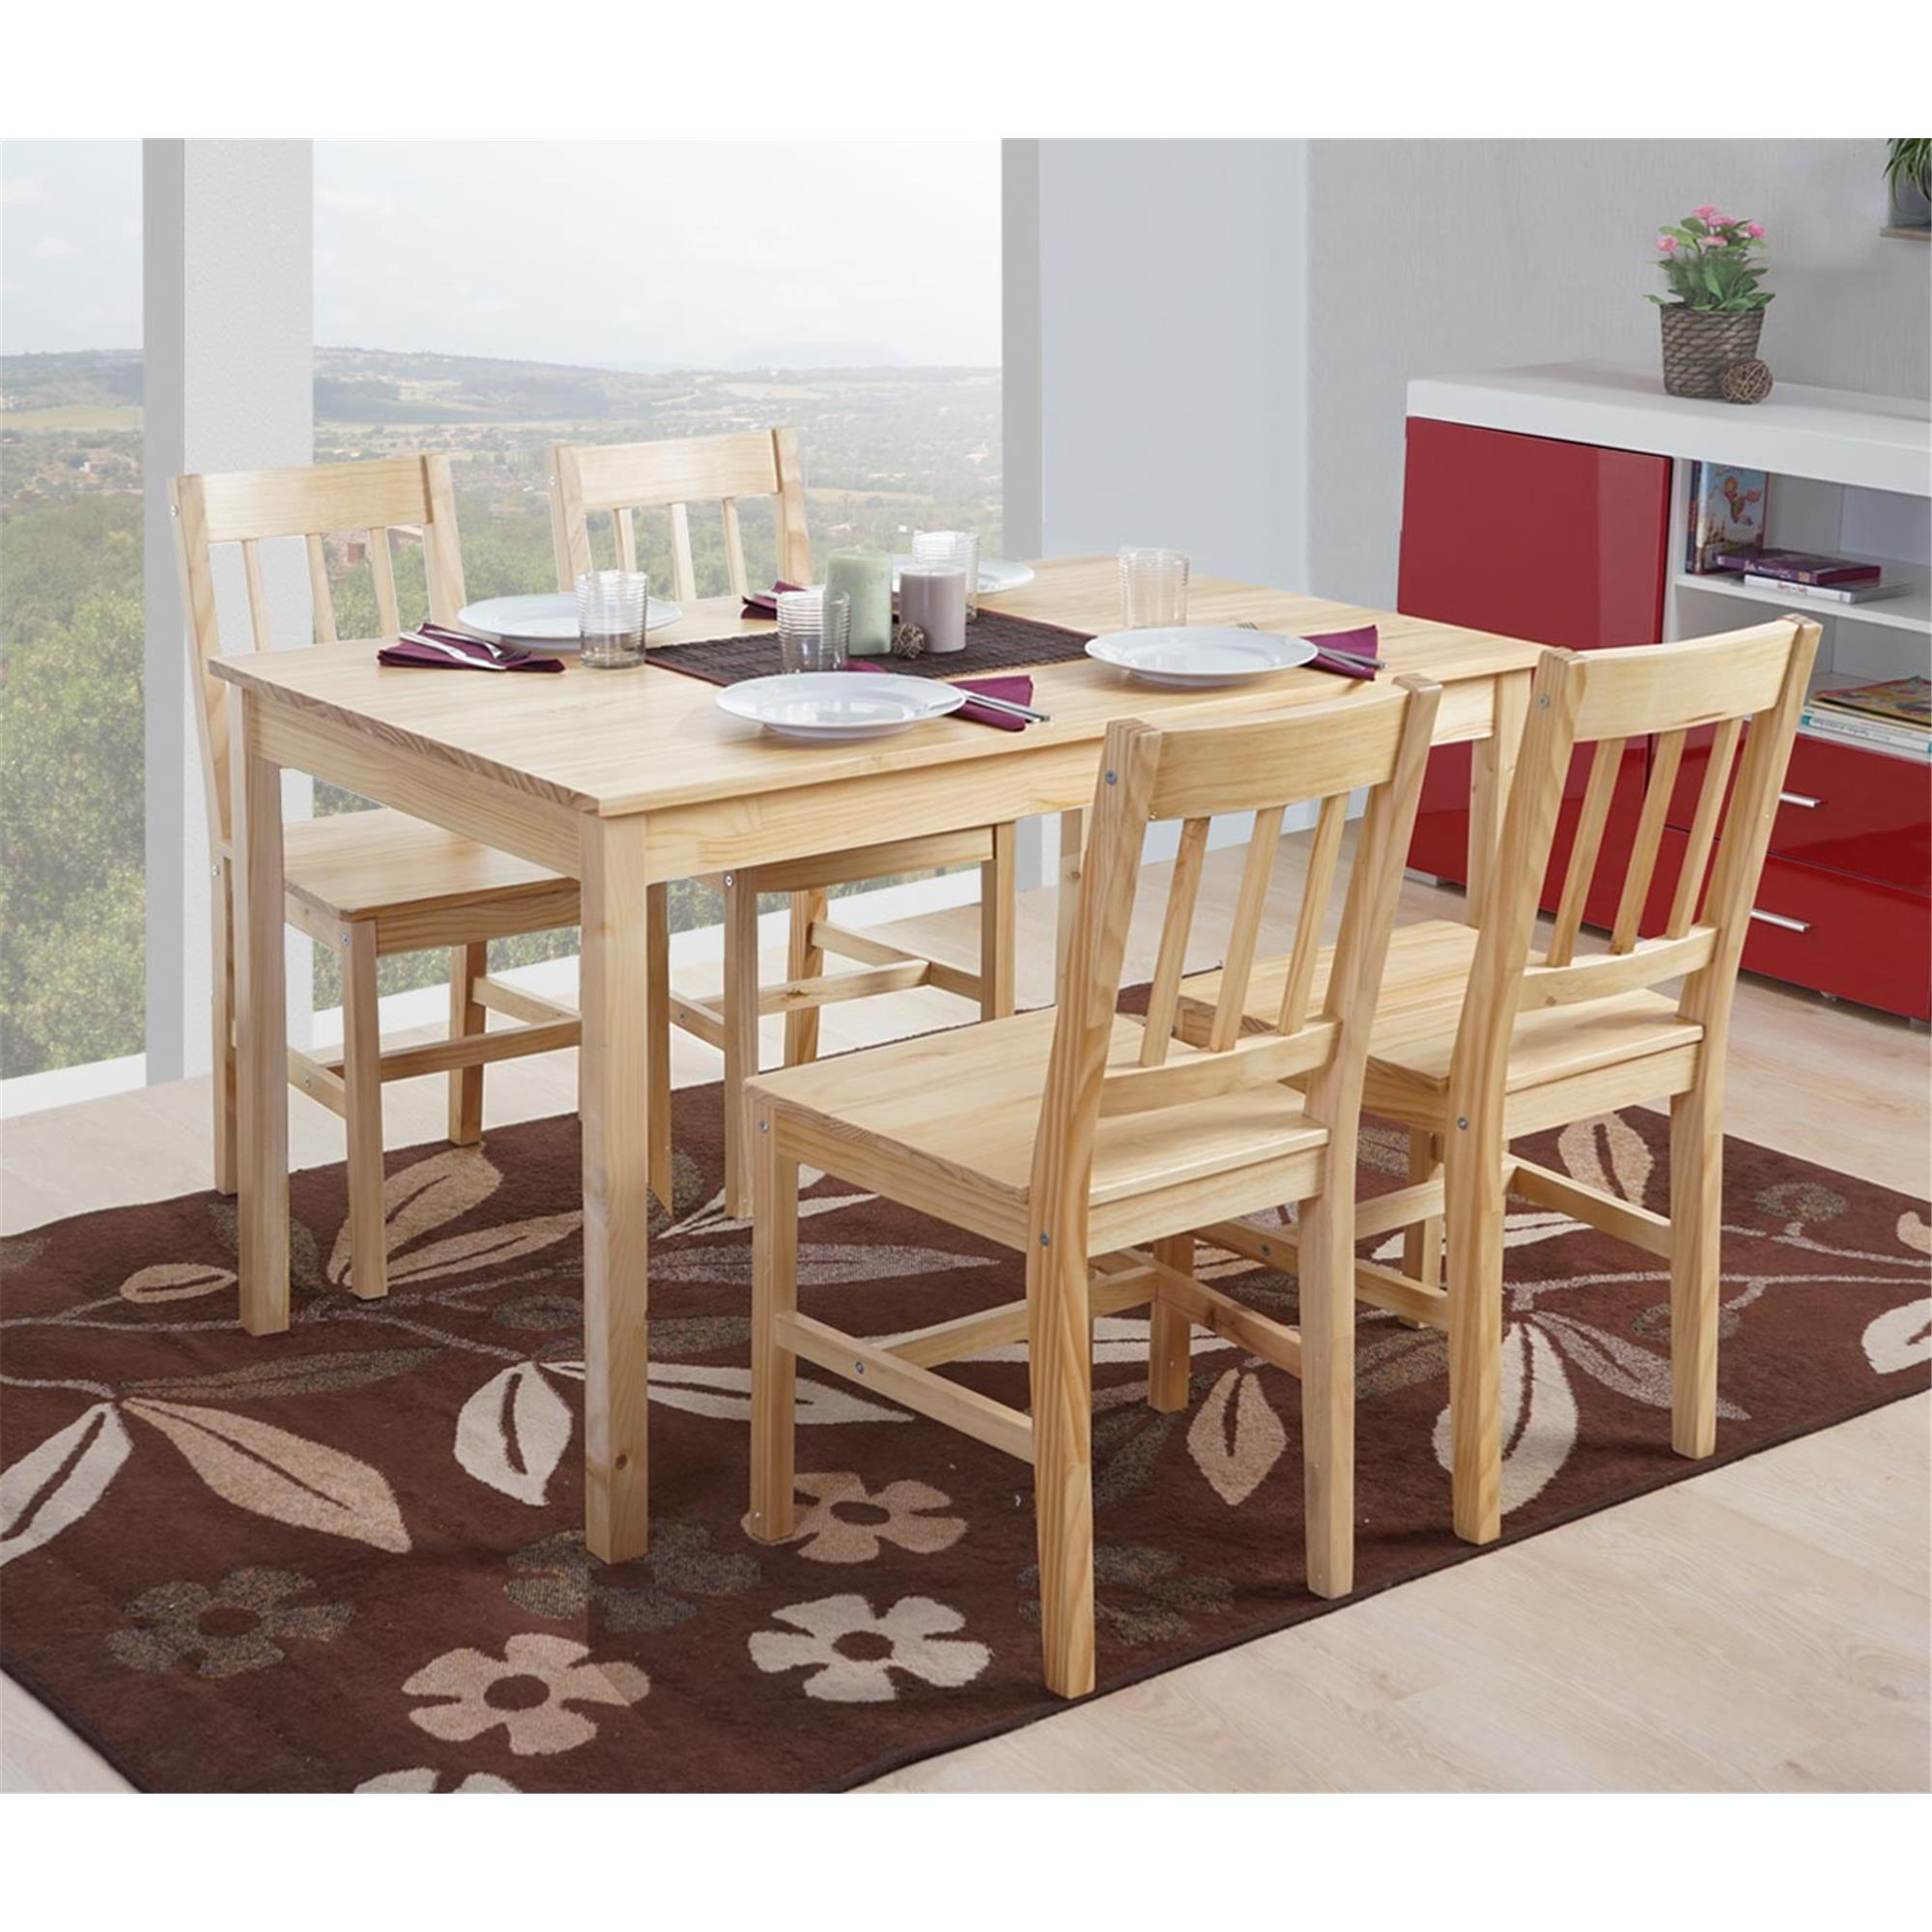 Lote 4 sillas de cocina o comedor nerja en marr n haya lote 4 sillas de cocina o comedor nerja for Comedor 4 sillas madera